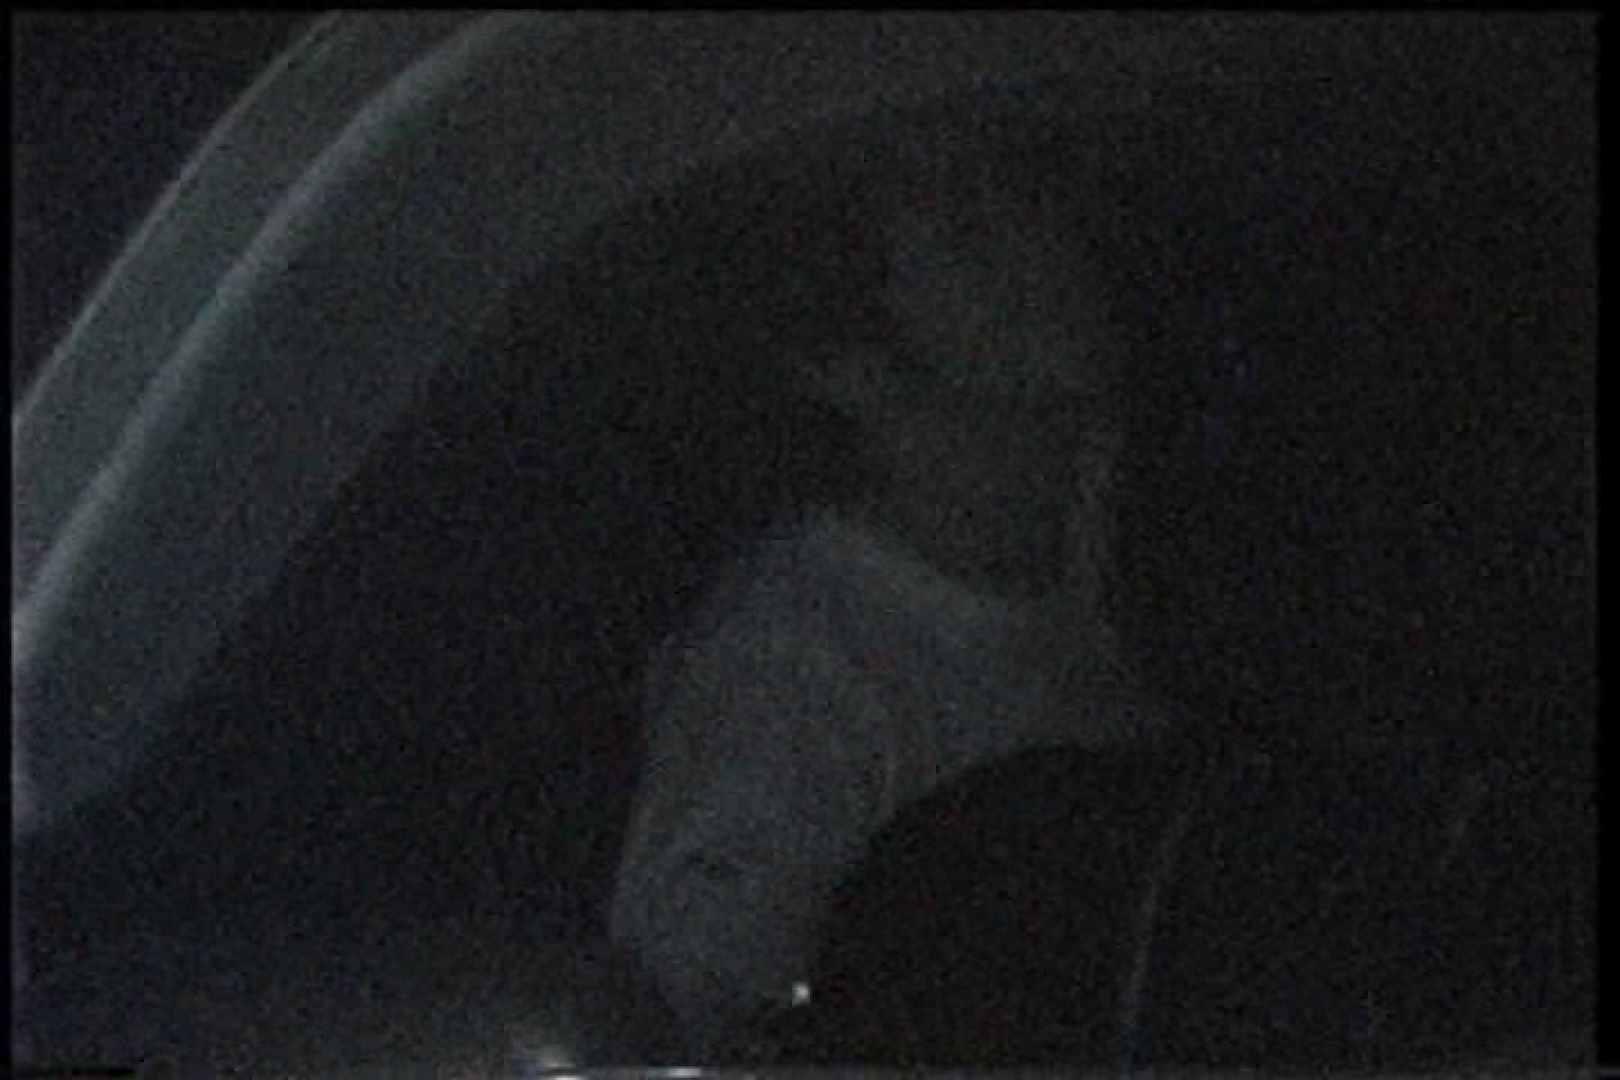 充血監督の深夜の運動会Vol.184 後編 エッチなセックス | エロティックなOL  101画像 89